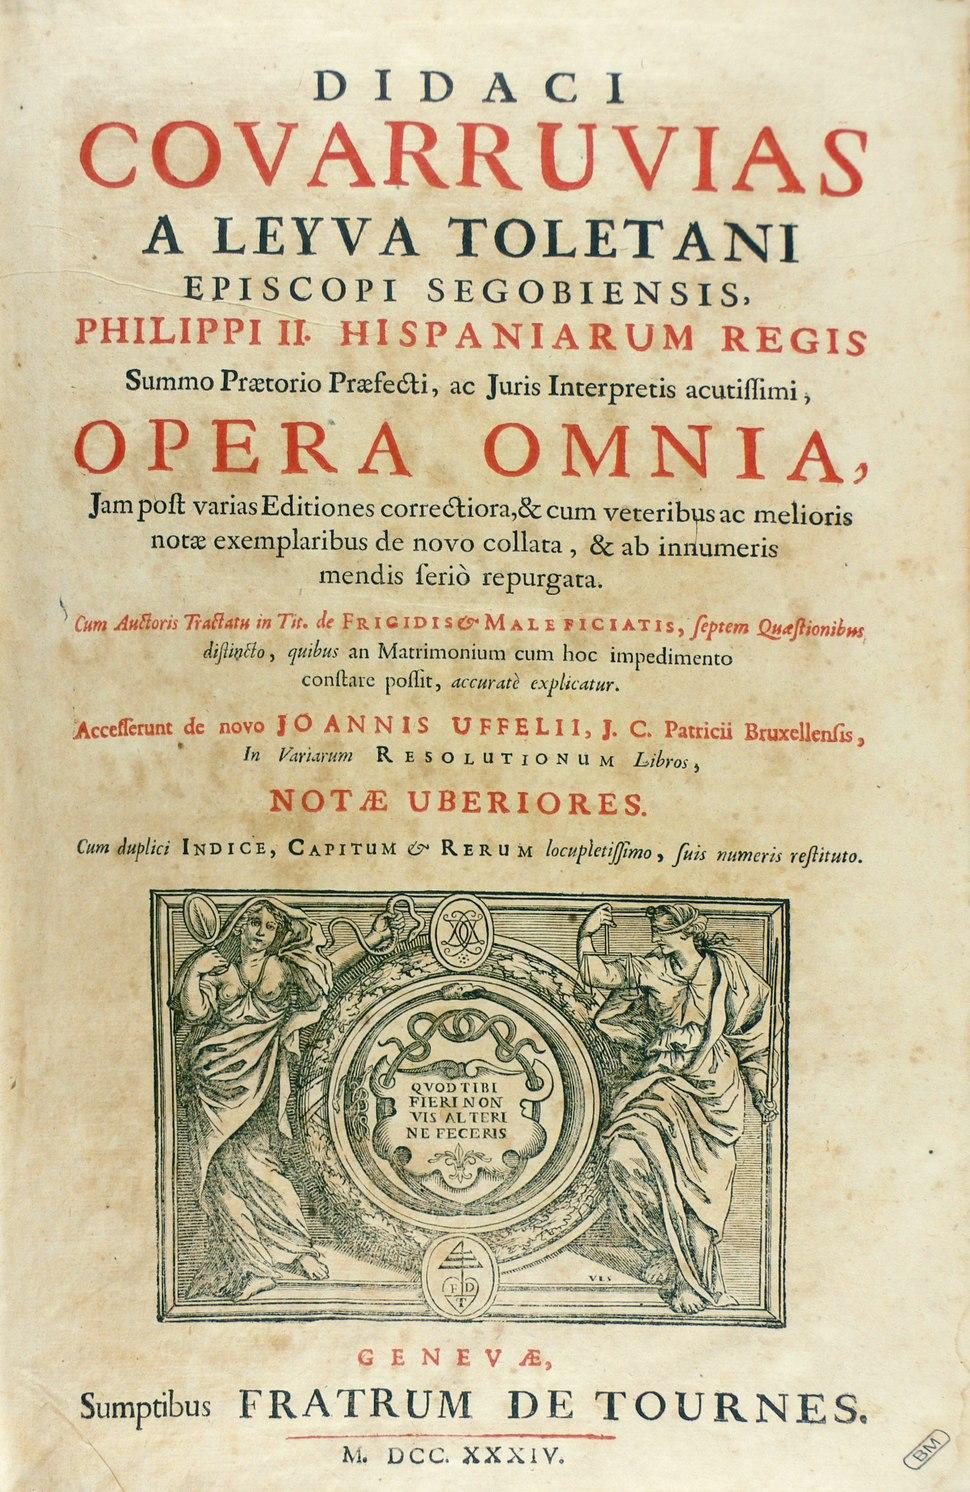 Covarrubias - Opera omnia, 1734 - 124